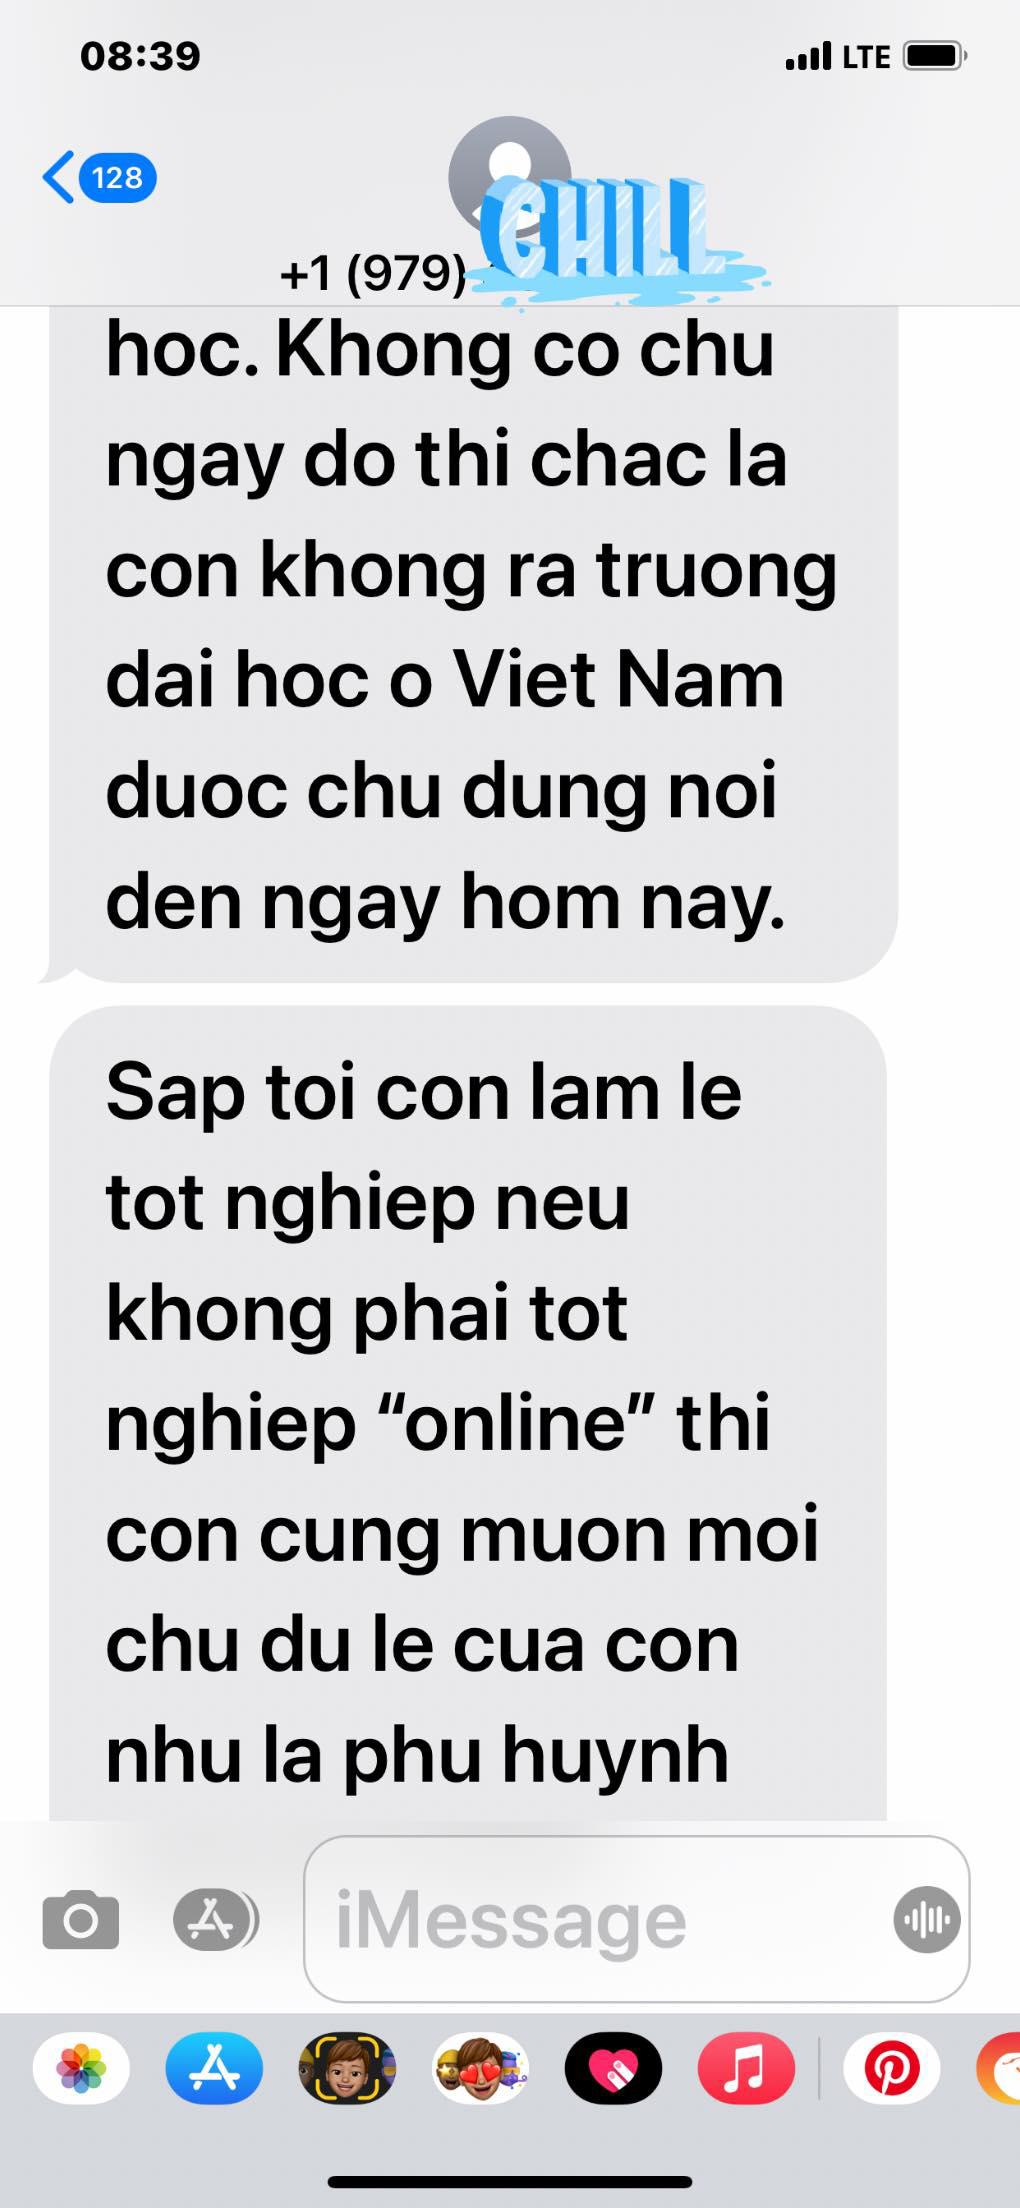 Câu chuyện cảm động của Đàm Vĩnh Hưng khi nhận loạt tin nhắn của người lạ - Ảnh 7.